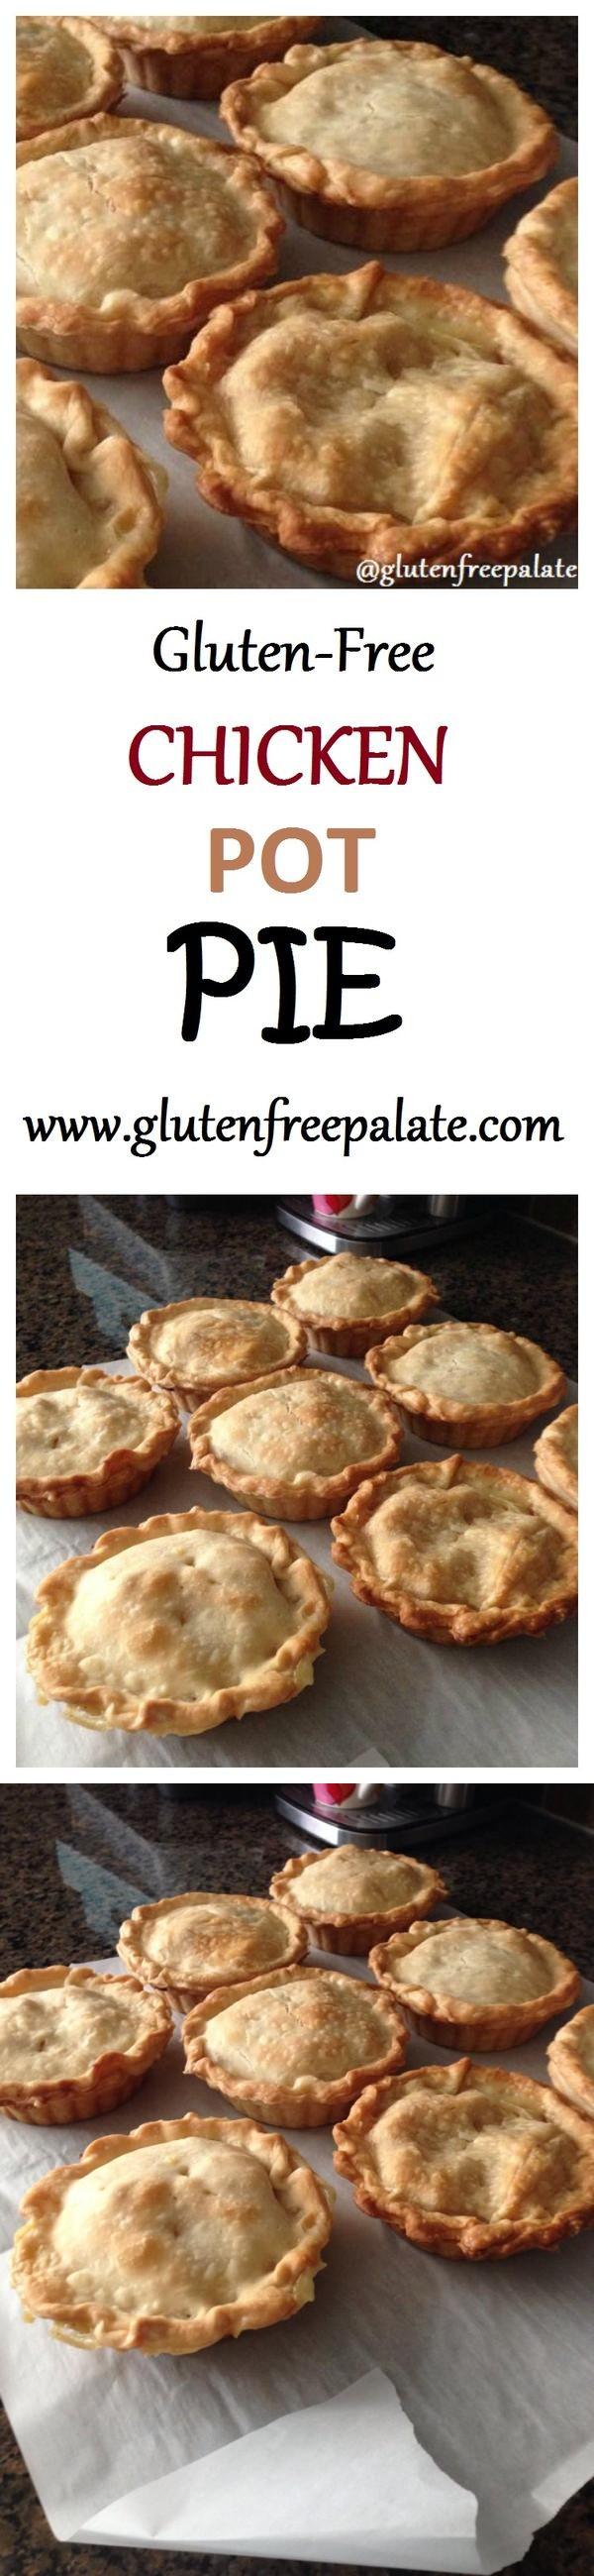 Gluten-Free Chicken Pot Pie (11 Ingredients